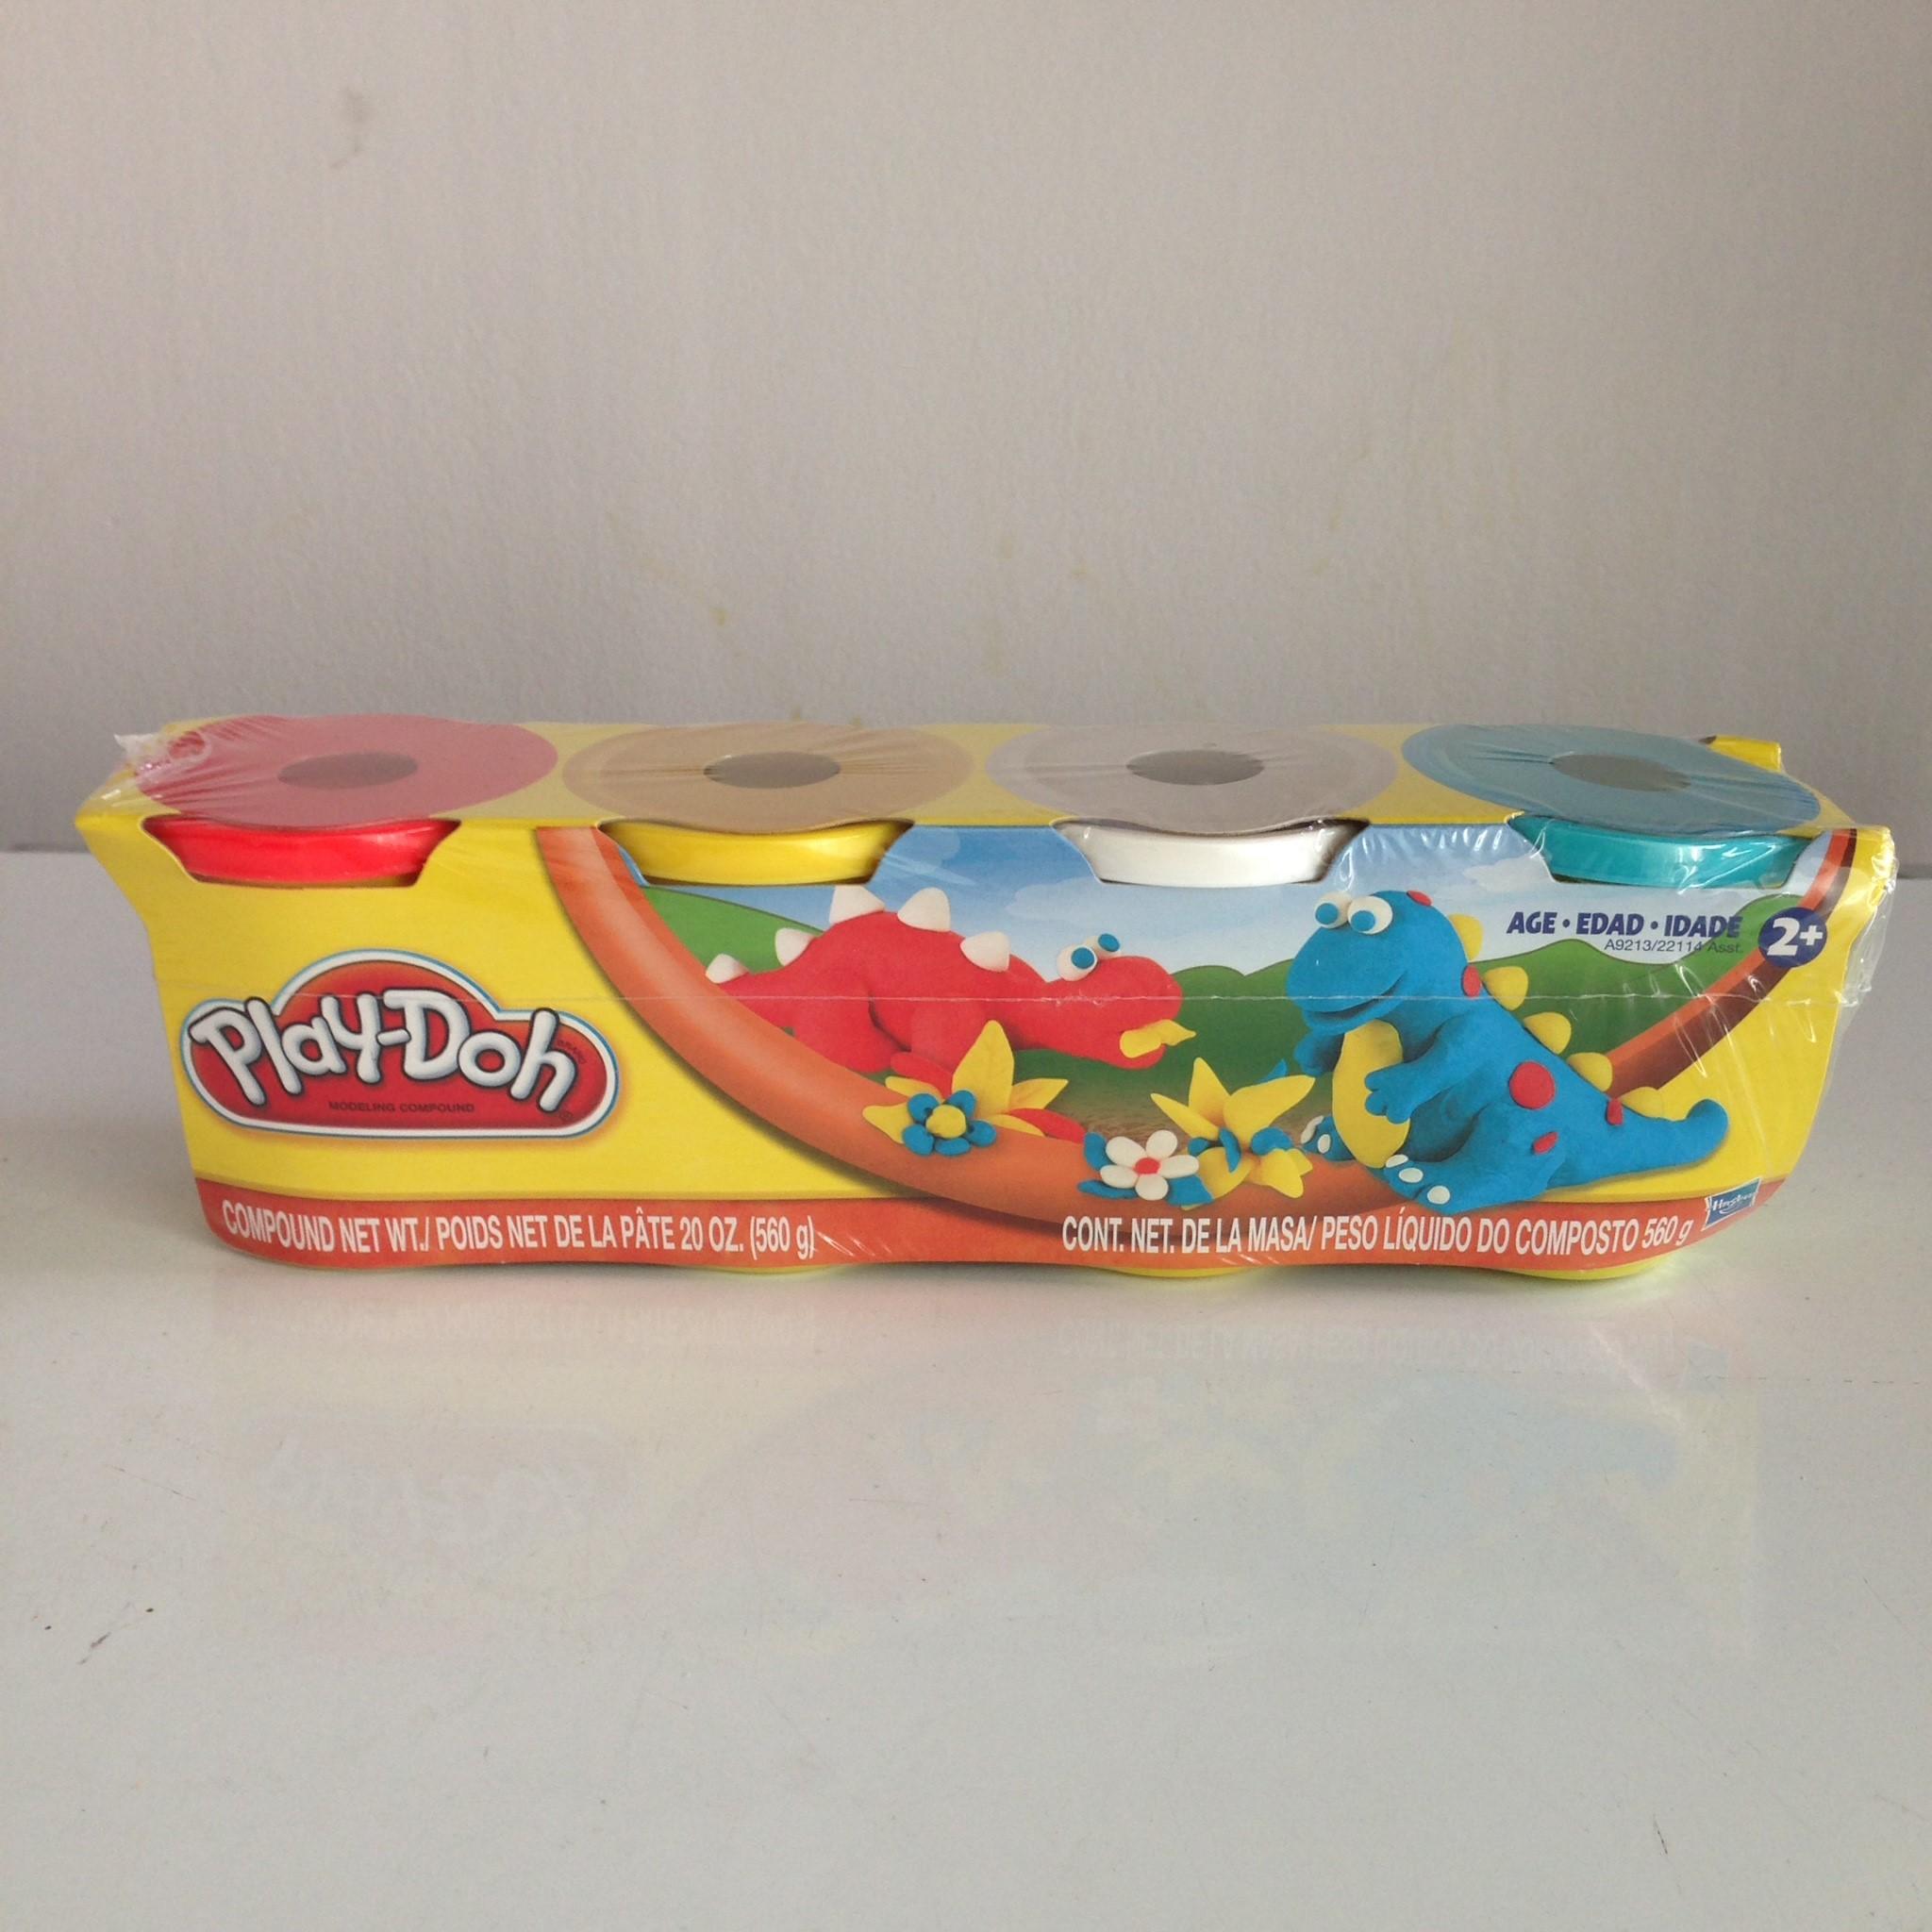 Play Doh แป้งโดว์เซต 4 กระปุก 4 สี (แดง เหลือง ขาว ฟ้า) สำหรับน้องอายุ 2 ขวบขึ้นไป